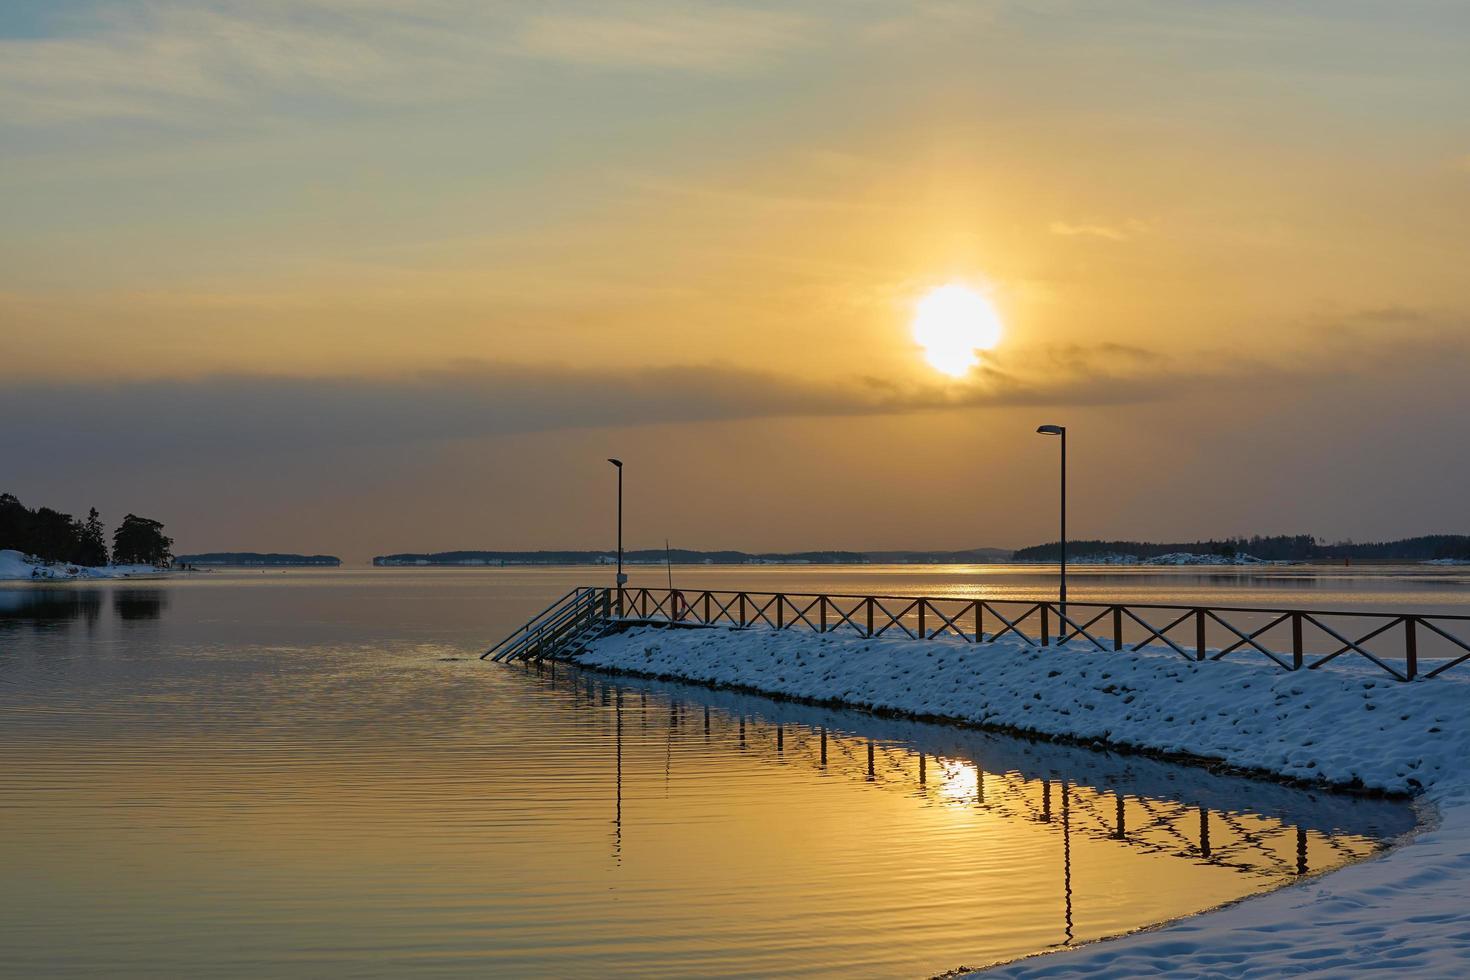 molo innevato al tramonto in riva al mare foto